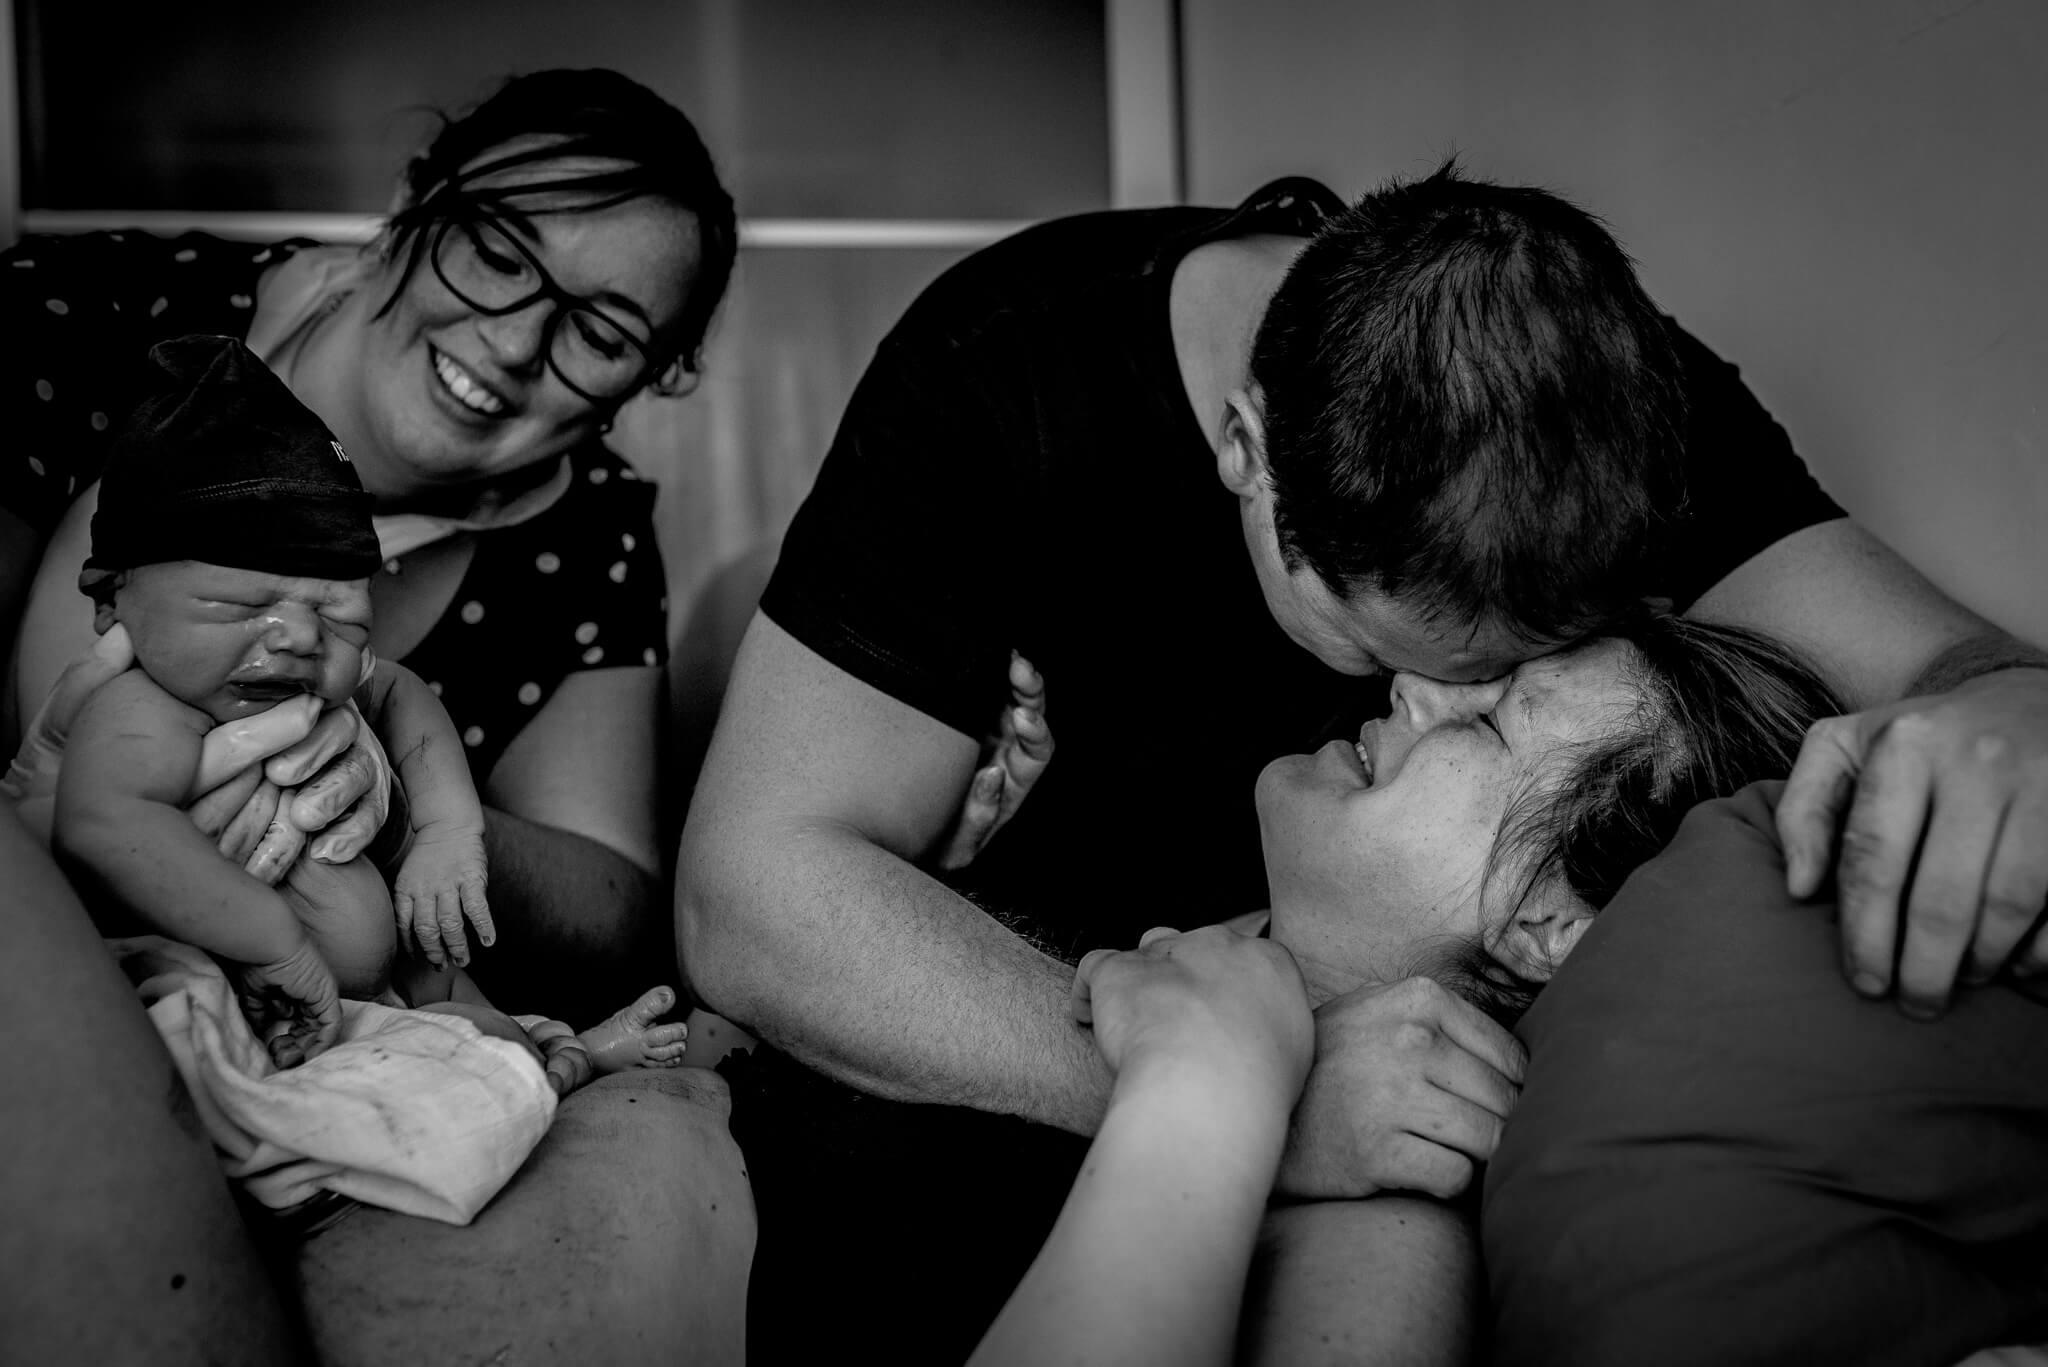 geboortefotografie Wijchen Birth Day geboortefotografie Cindy geboortefotograaf